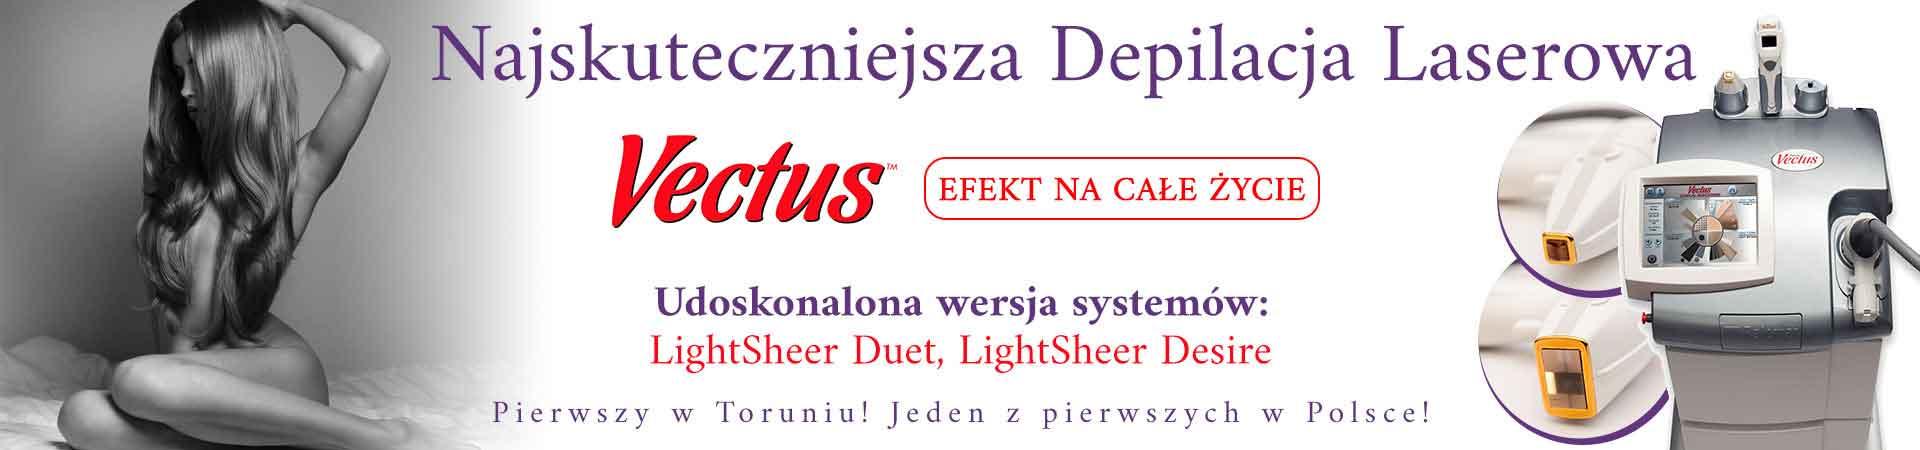 Depilacja Laserowa Toruń Endermologia Medycyna Estetyczna